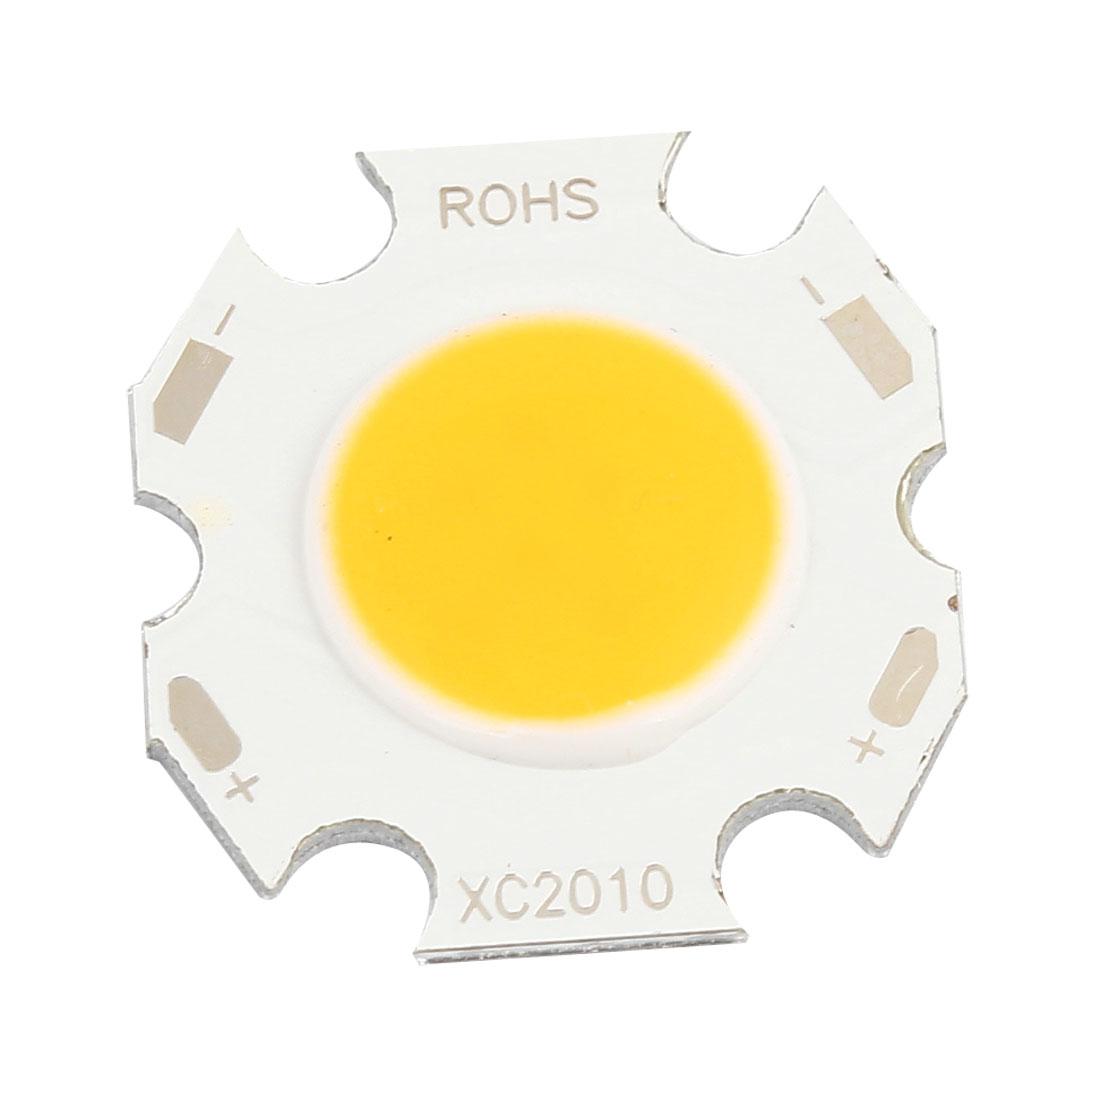 9-10V 3W Warm White Light High Power SMD COB LED Lamp Chip Emitter